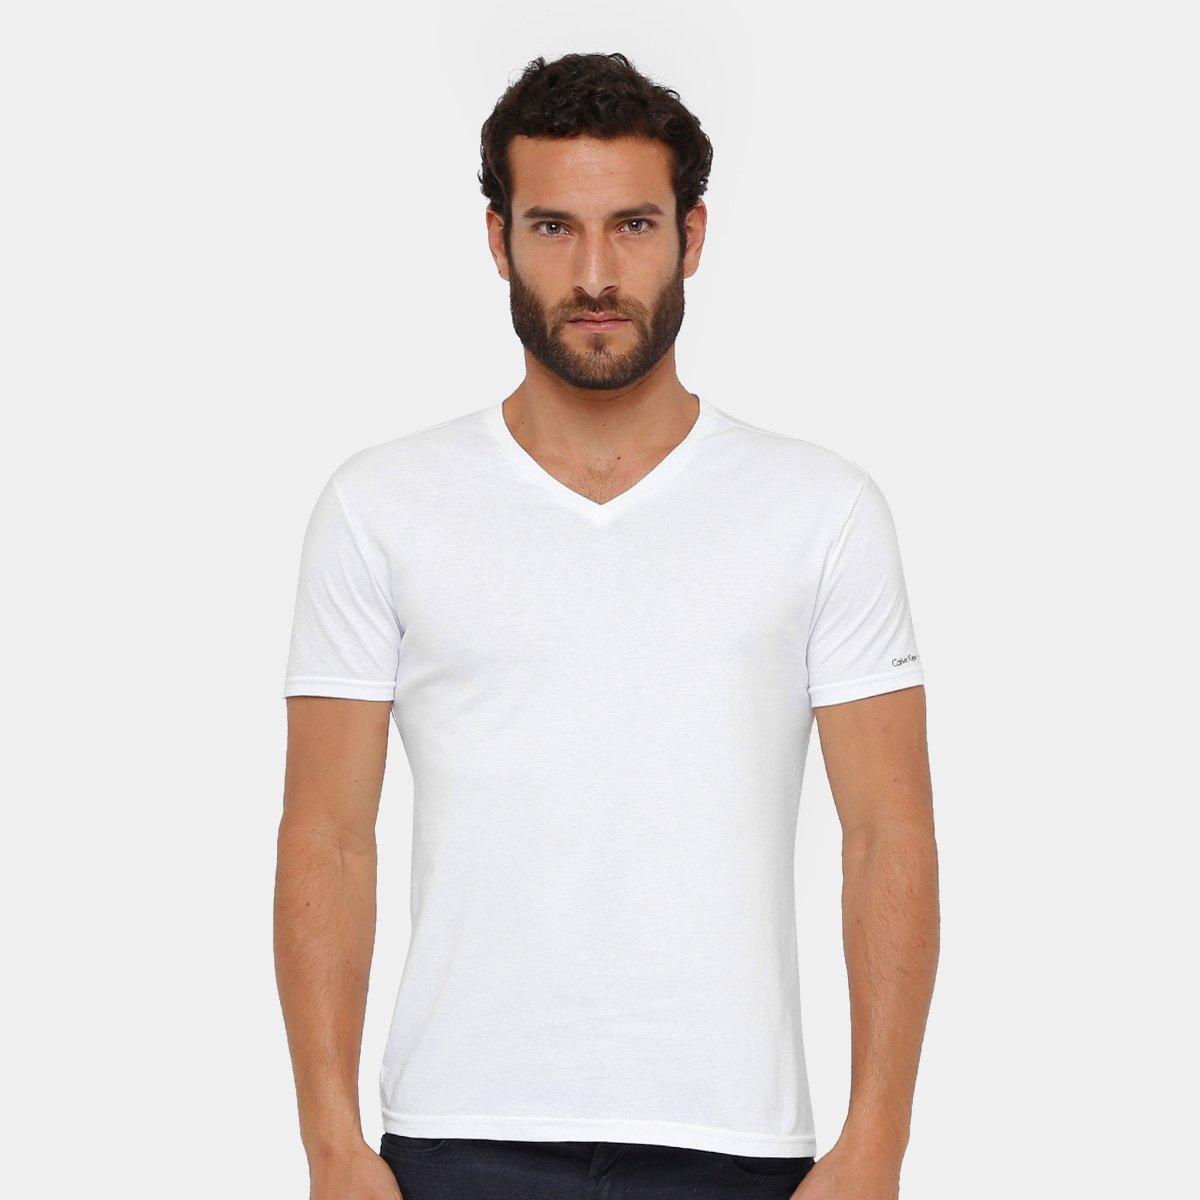 95030a29a5 Camiseta Calvin Klein Gola V Cavada Masculina - Compre Agora